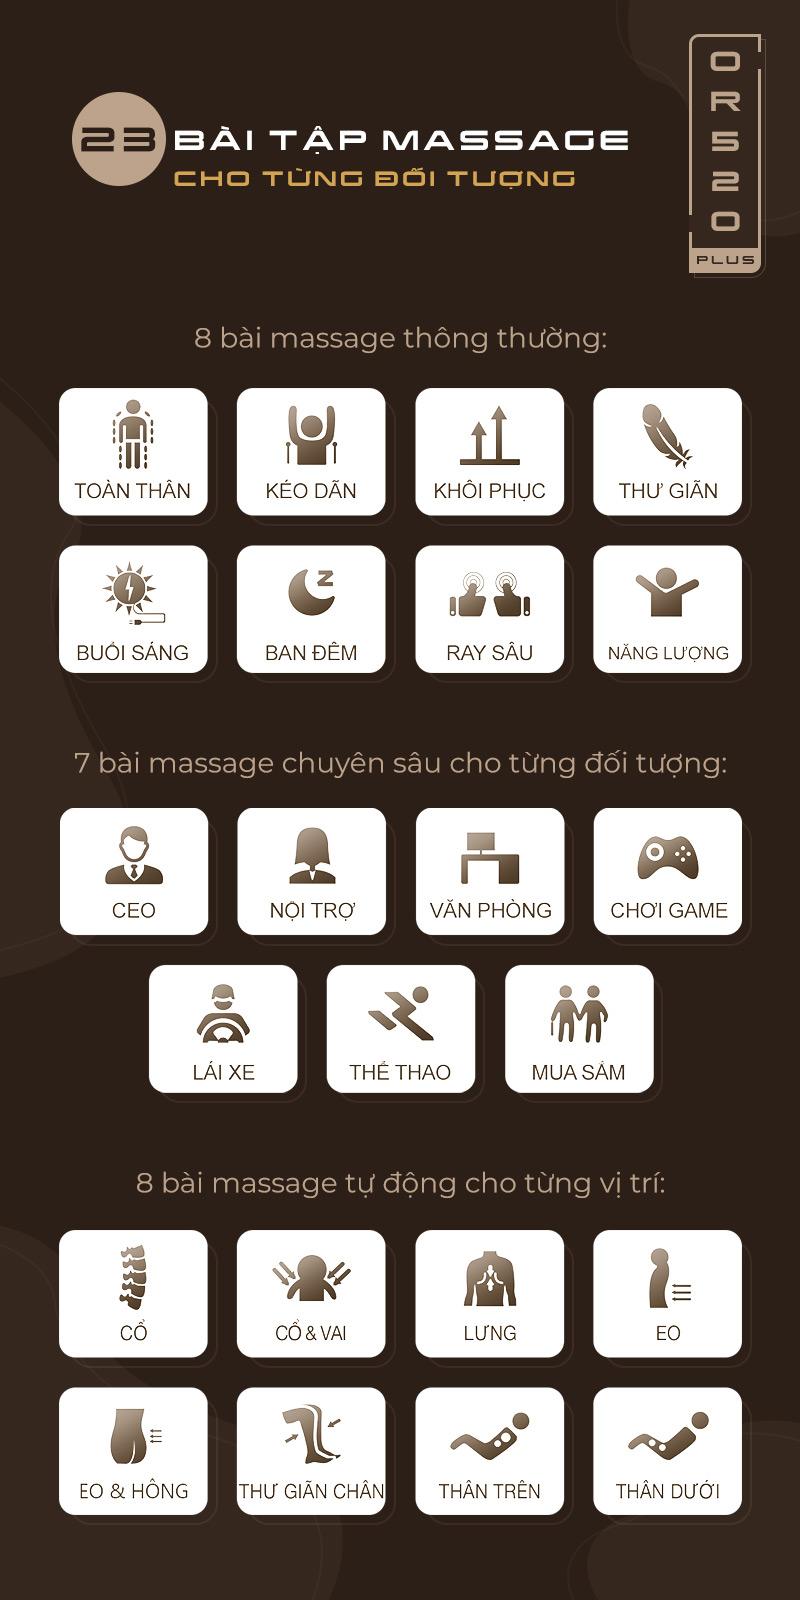 23 bài tập massage thư giãntự động thông minh